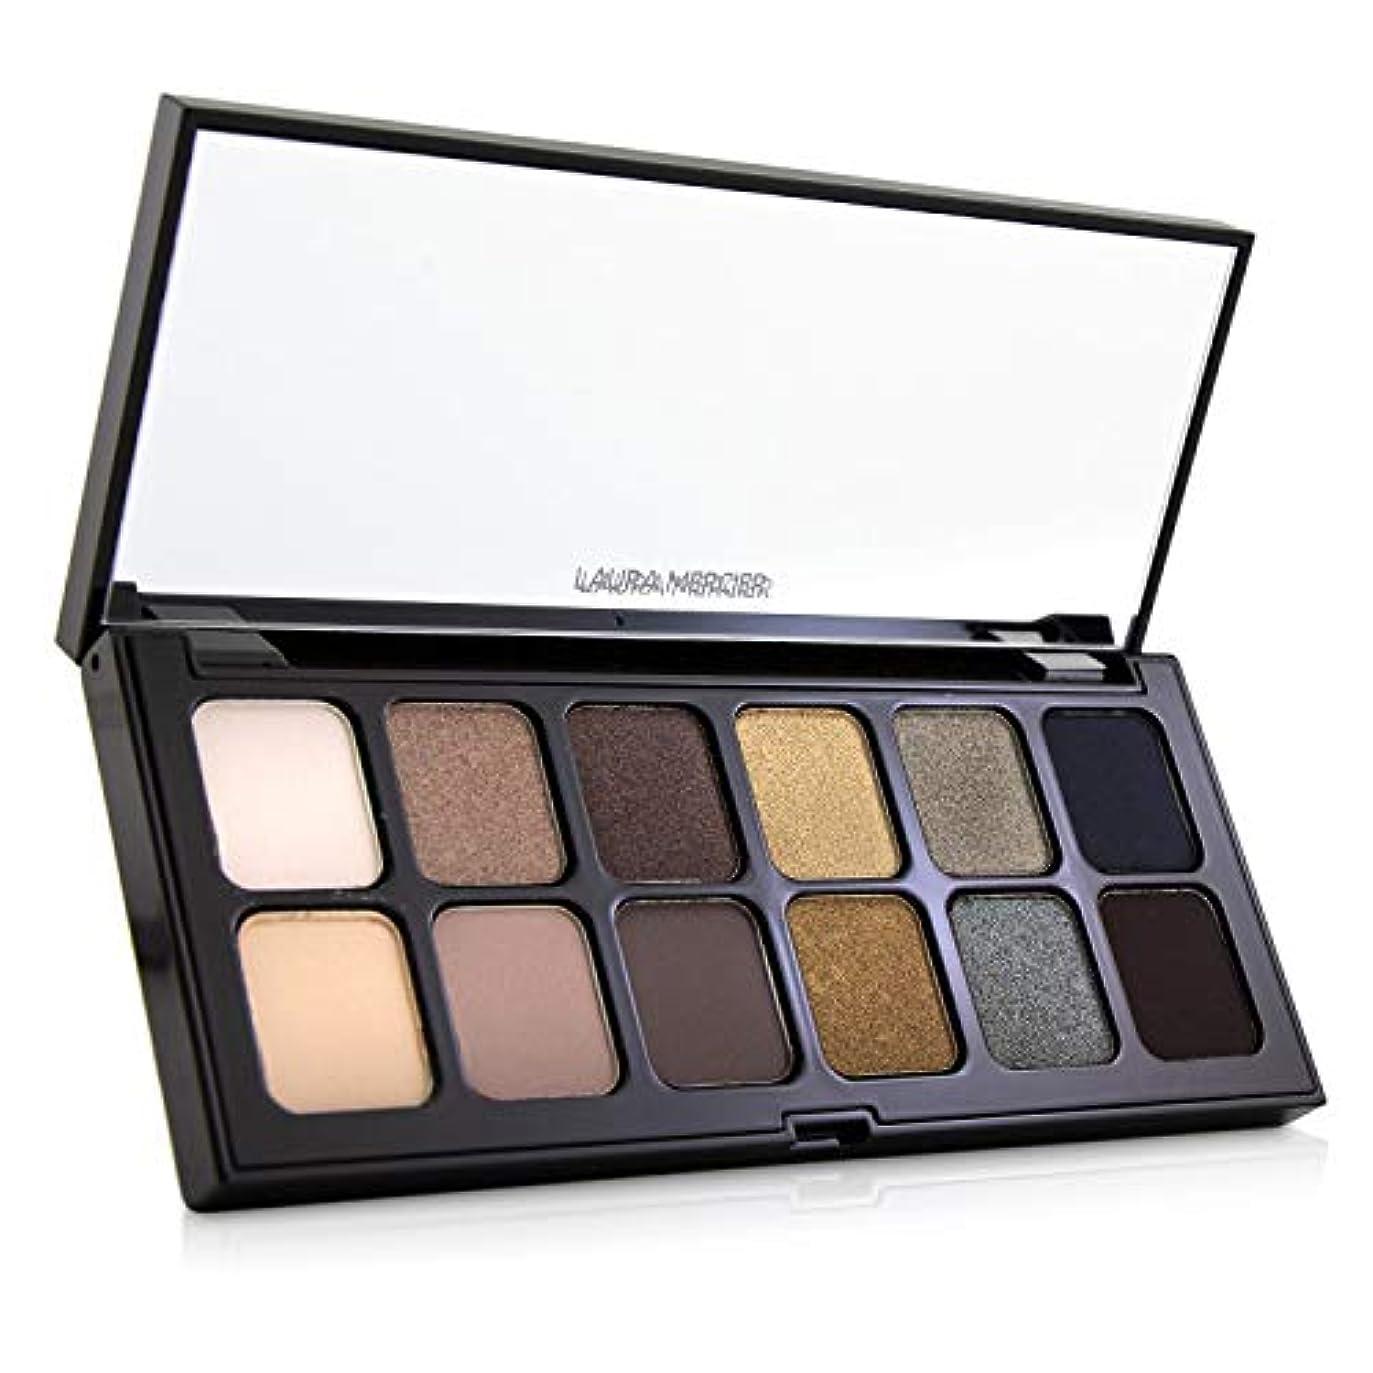 協定襟代表ローラ メルシエ Parisian Nudes Eye Shadow Palette (12x Eyeshadow) 12x1g/0.03oz並行輸入品